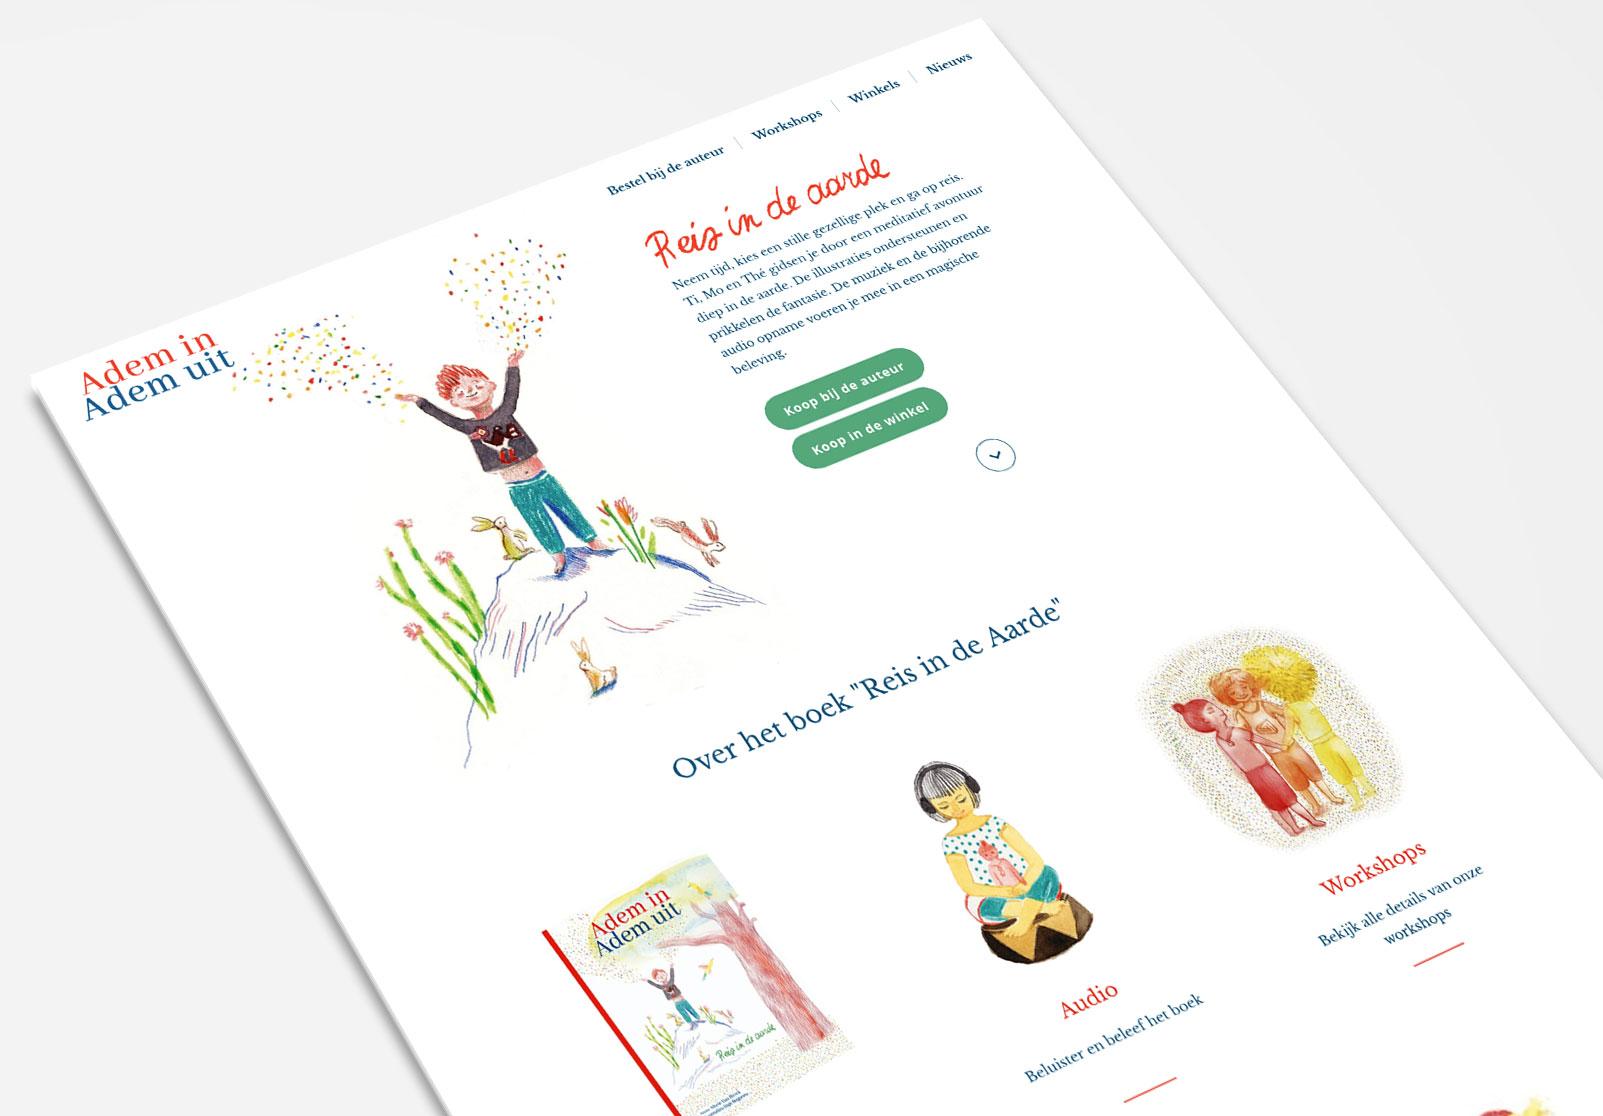 Adem in Adem uit - meditatieve kinderboeken